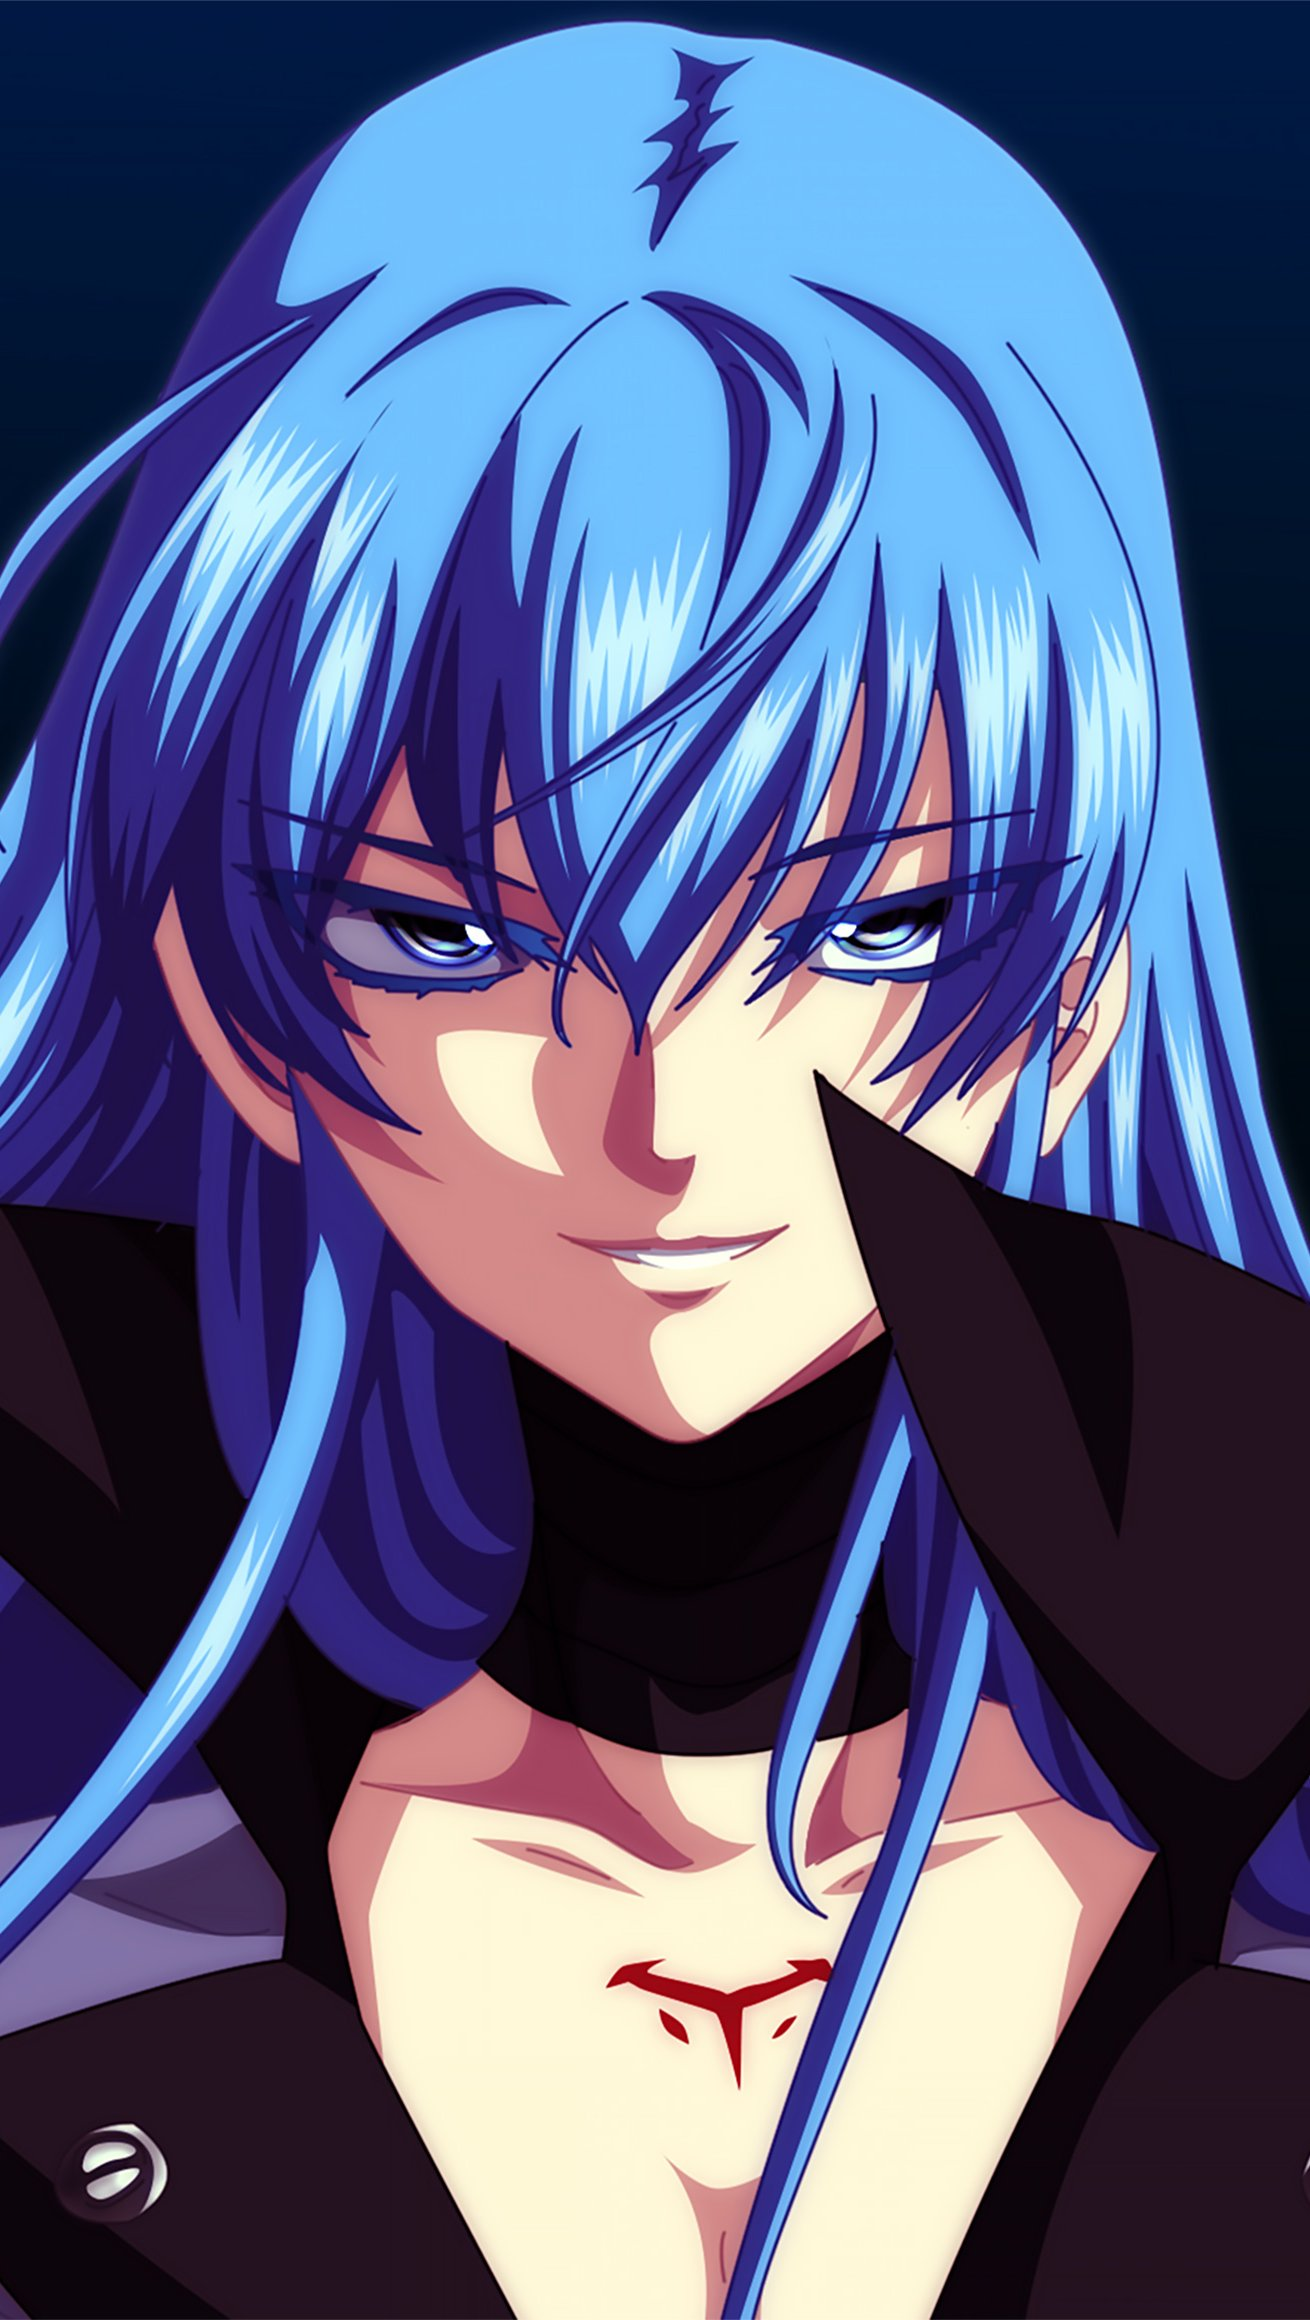 Fondos de pantalla Anime Esdeath de Akame ga Kill! Vertical